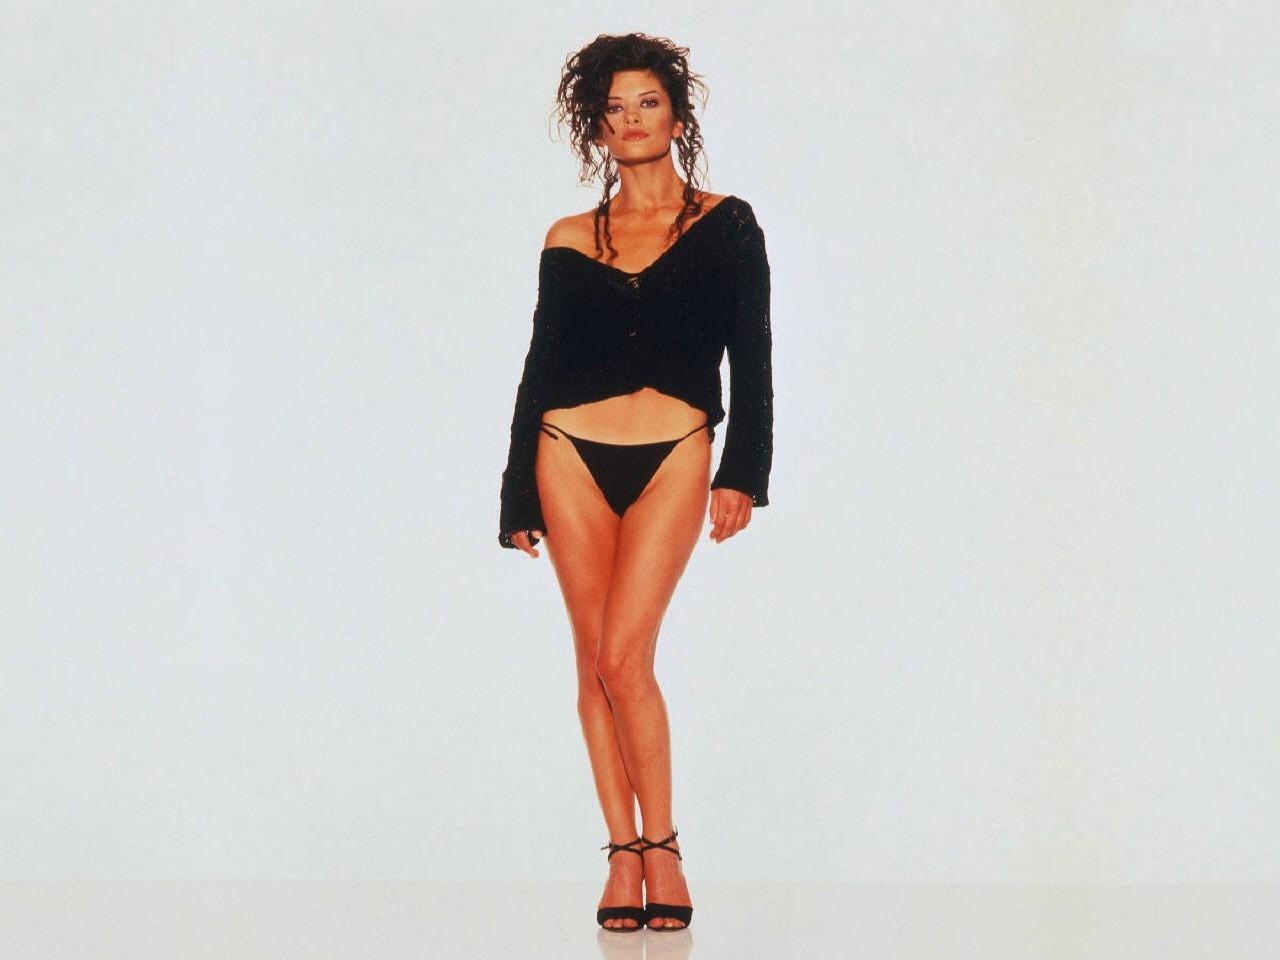 Wallpaper di Catherine Zeta-Jones in tacchi a spillo e lingerie